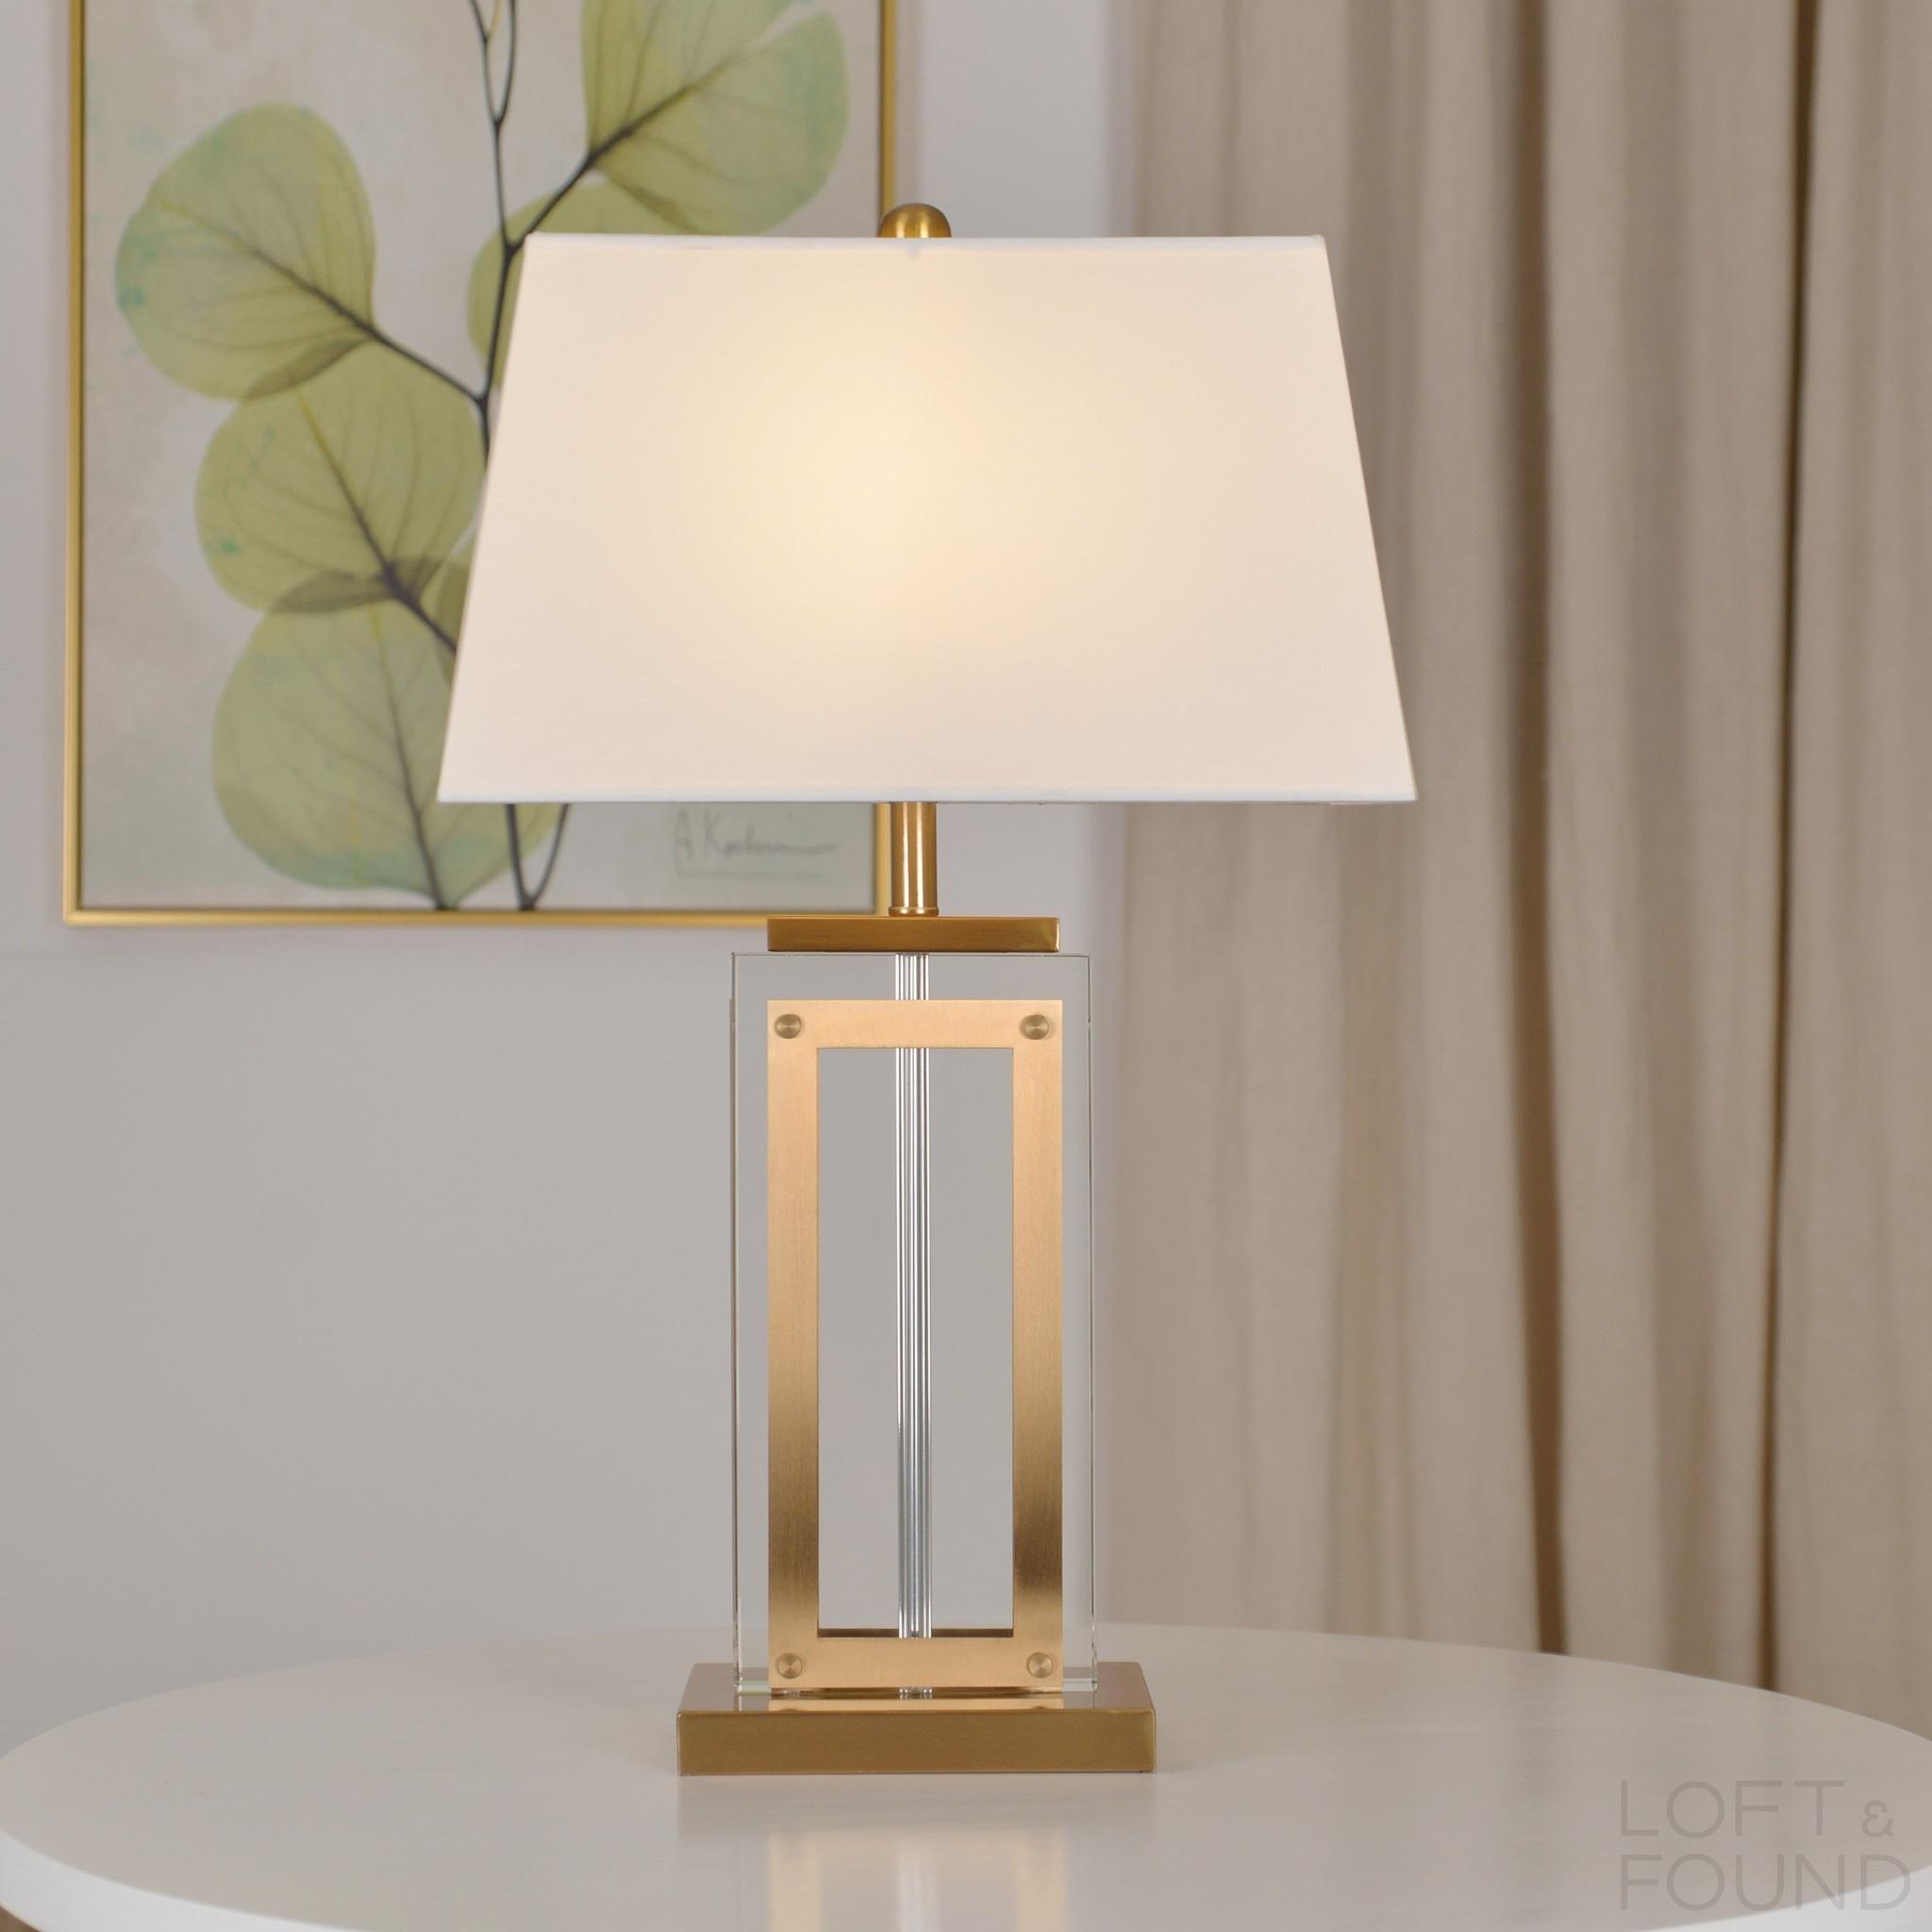 Настольная лампа Stokly Eichholtz style